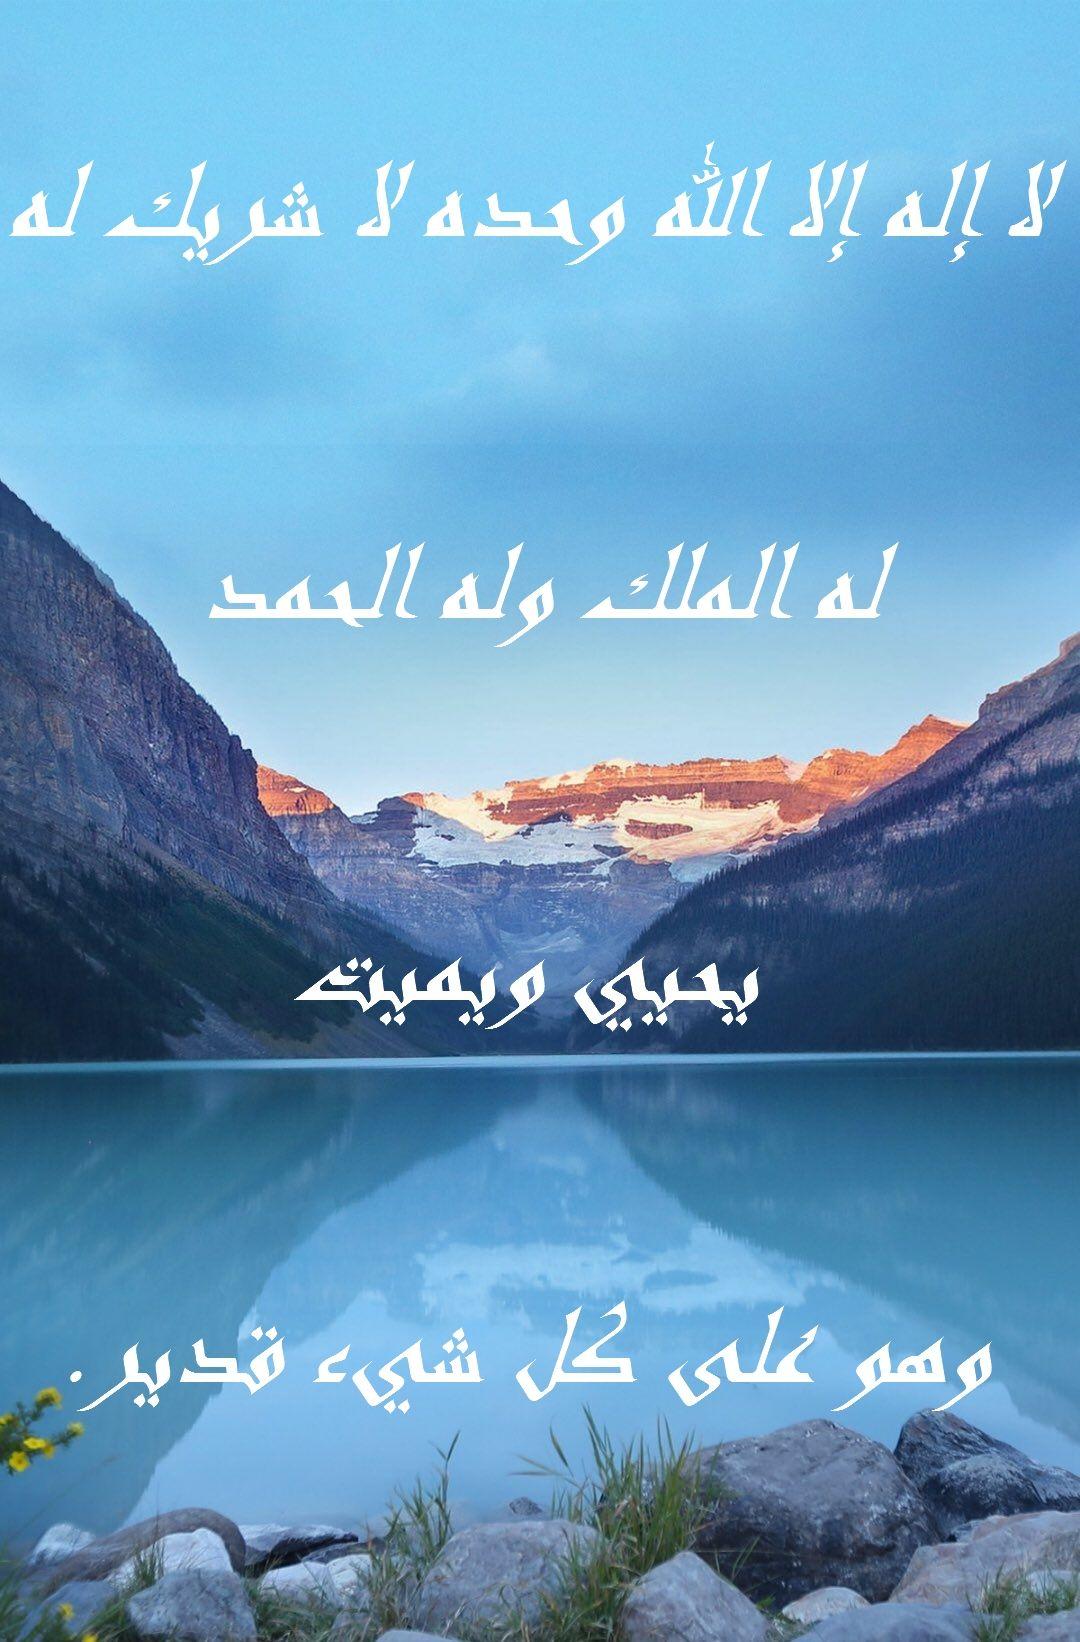 Epingle Sur لا إله إلا الله وحده لا شريك له له الملك وله الحمد يحيي ويميت وهو على كل شيء قدير